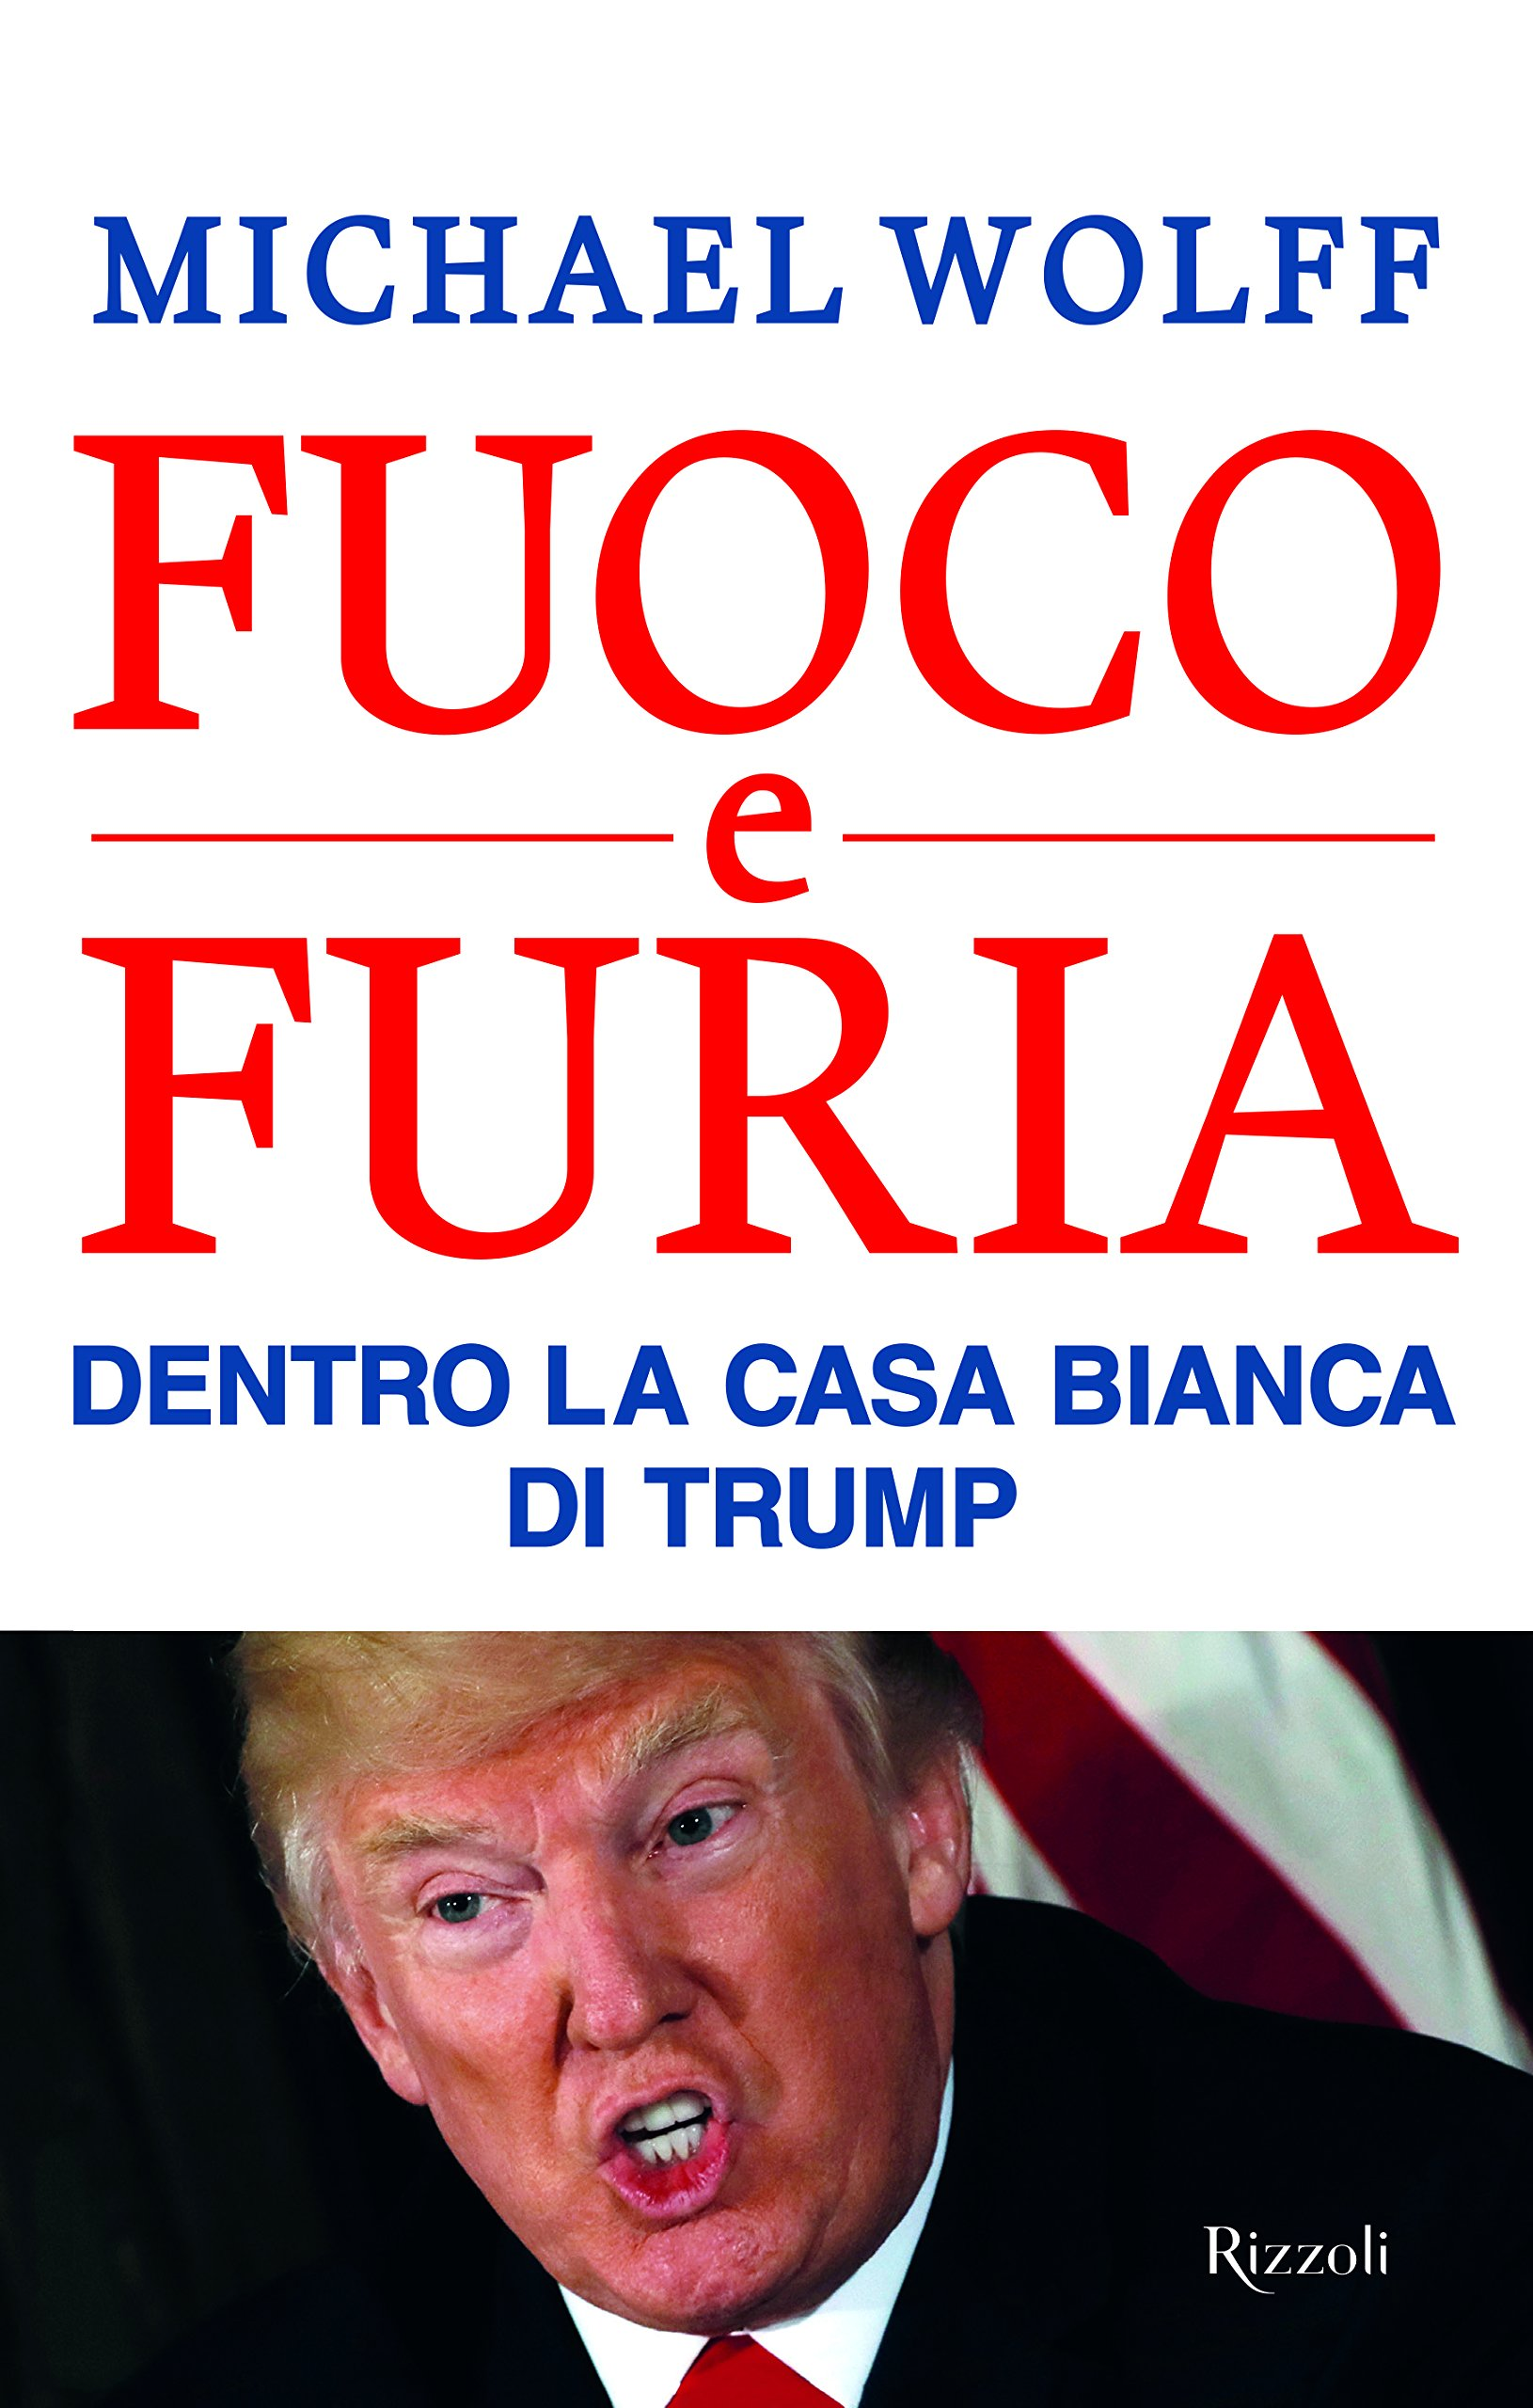 Fuoco e furia. Dentro la Casa Bianca di Trump Copertina rigida – 13 feb 2018 Michael Wolff E. Cantoni I. Annoni Rizzoli